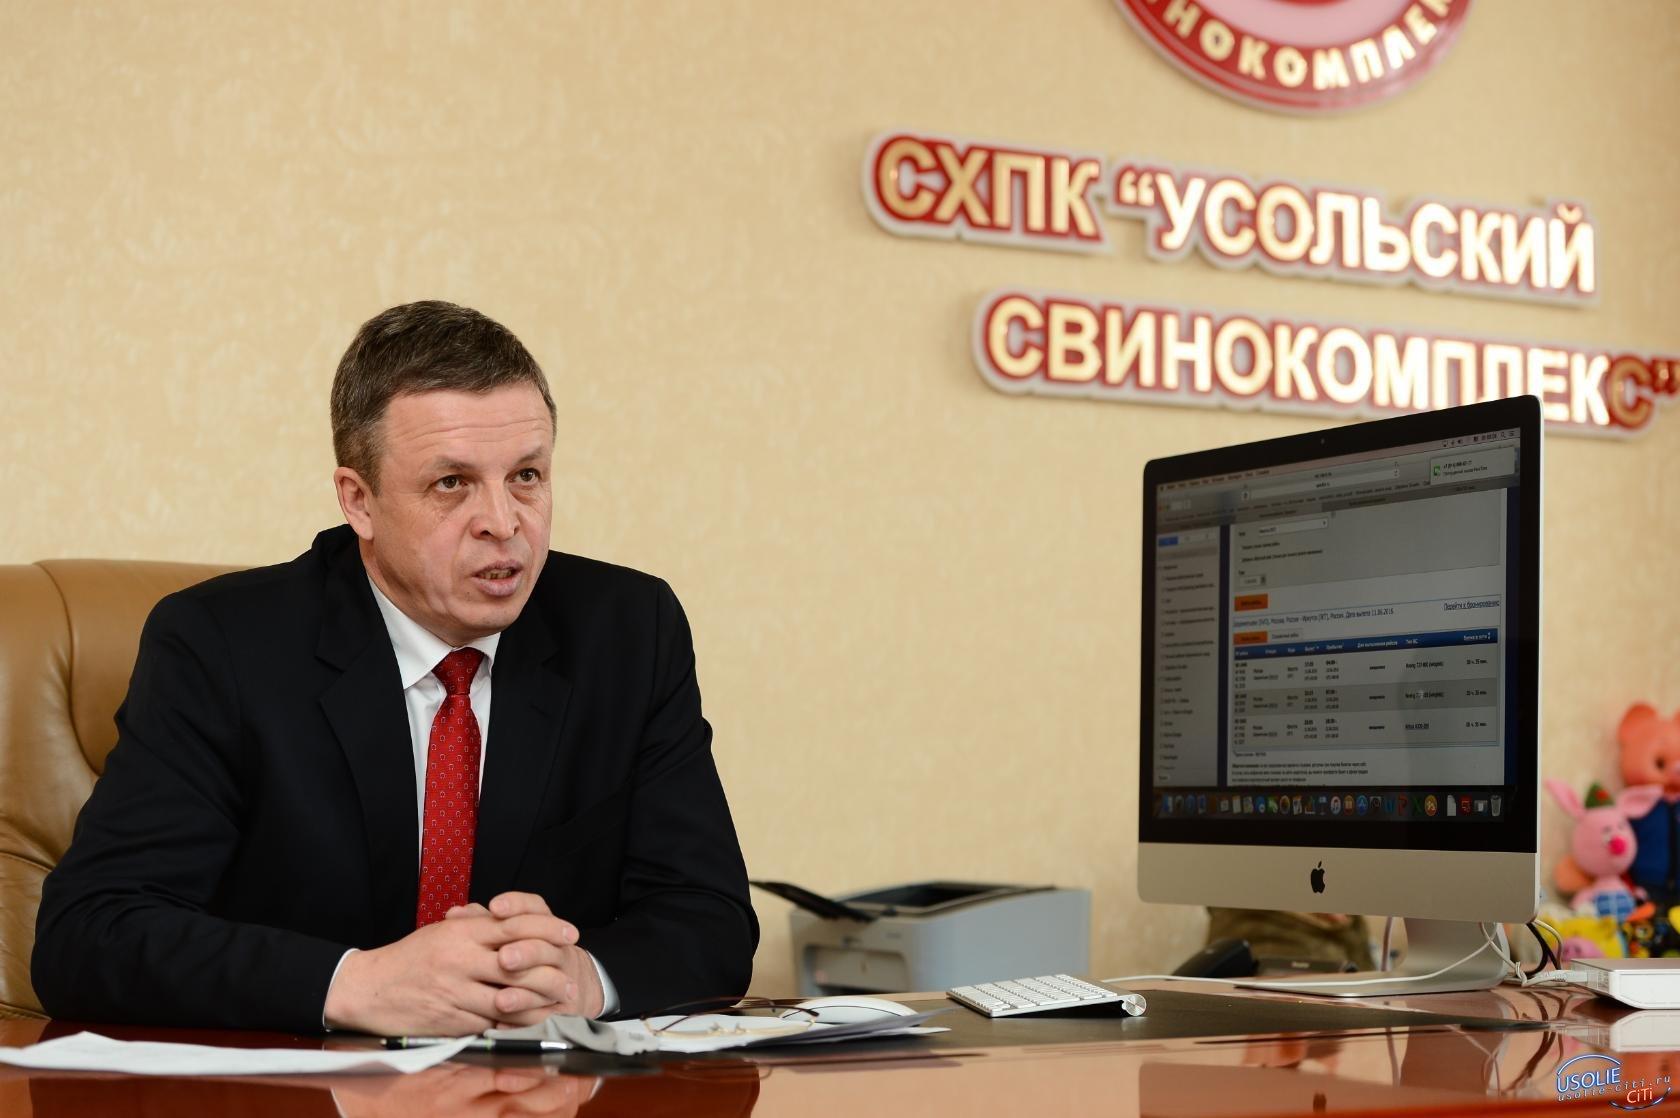 Павел Сумароков: С праздником, дорогие женщины! ВИДЕОПОЗДРАВЛЕНИЕ